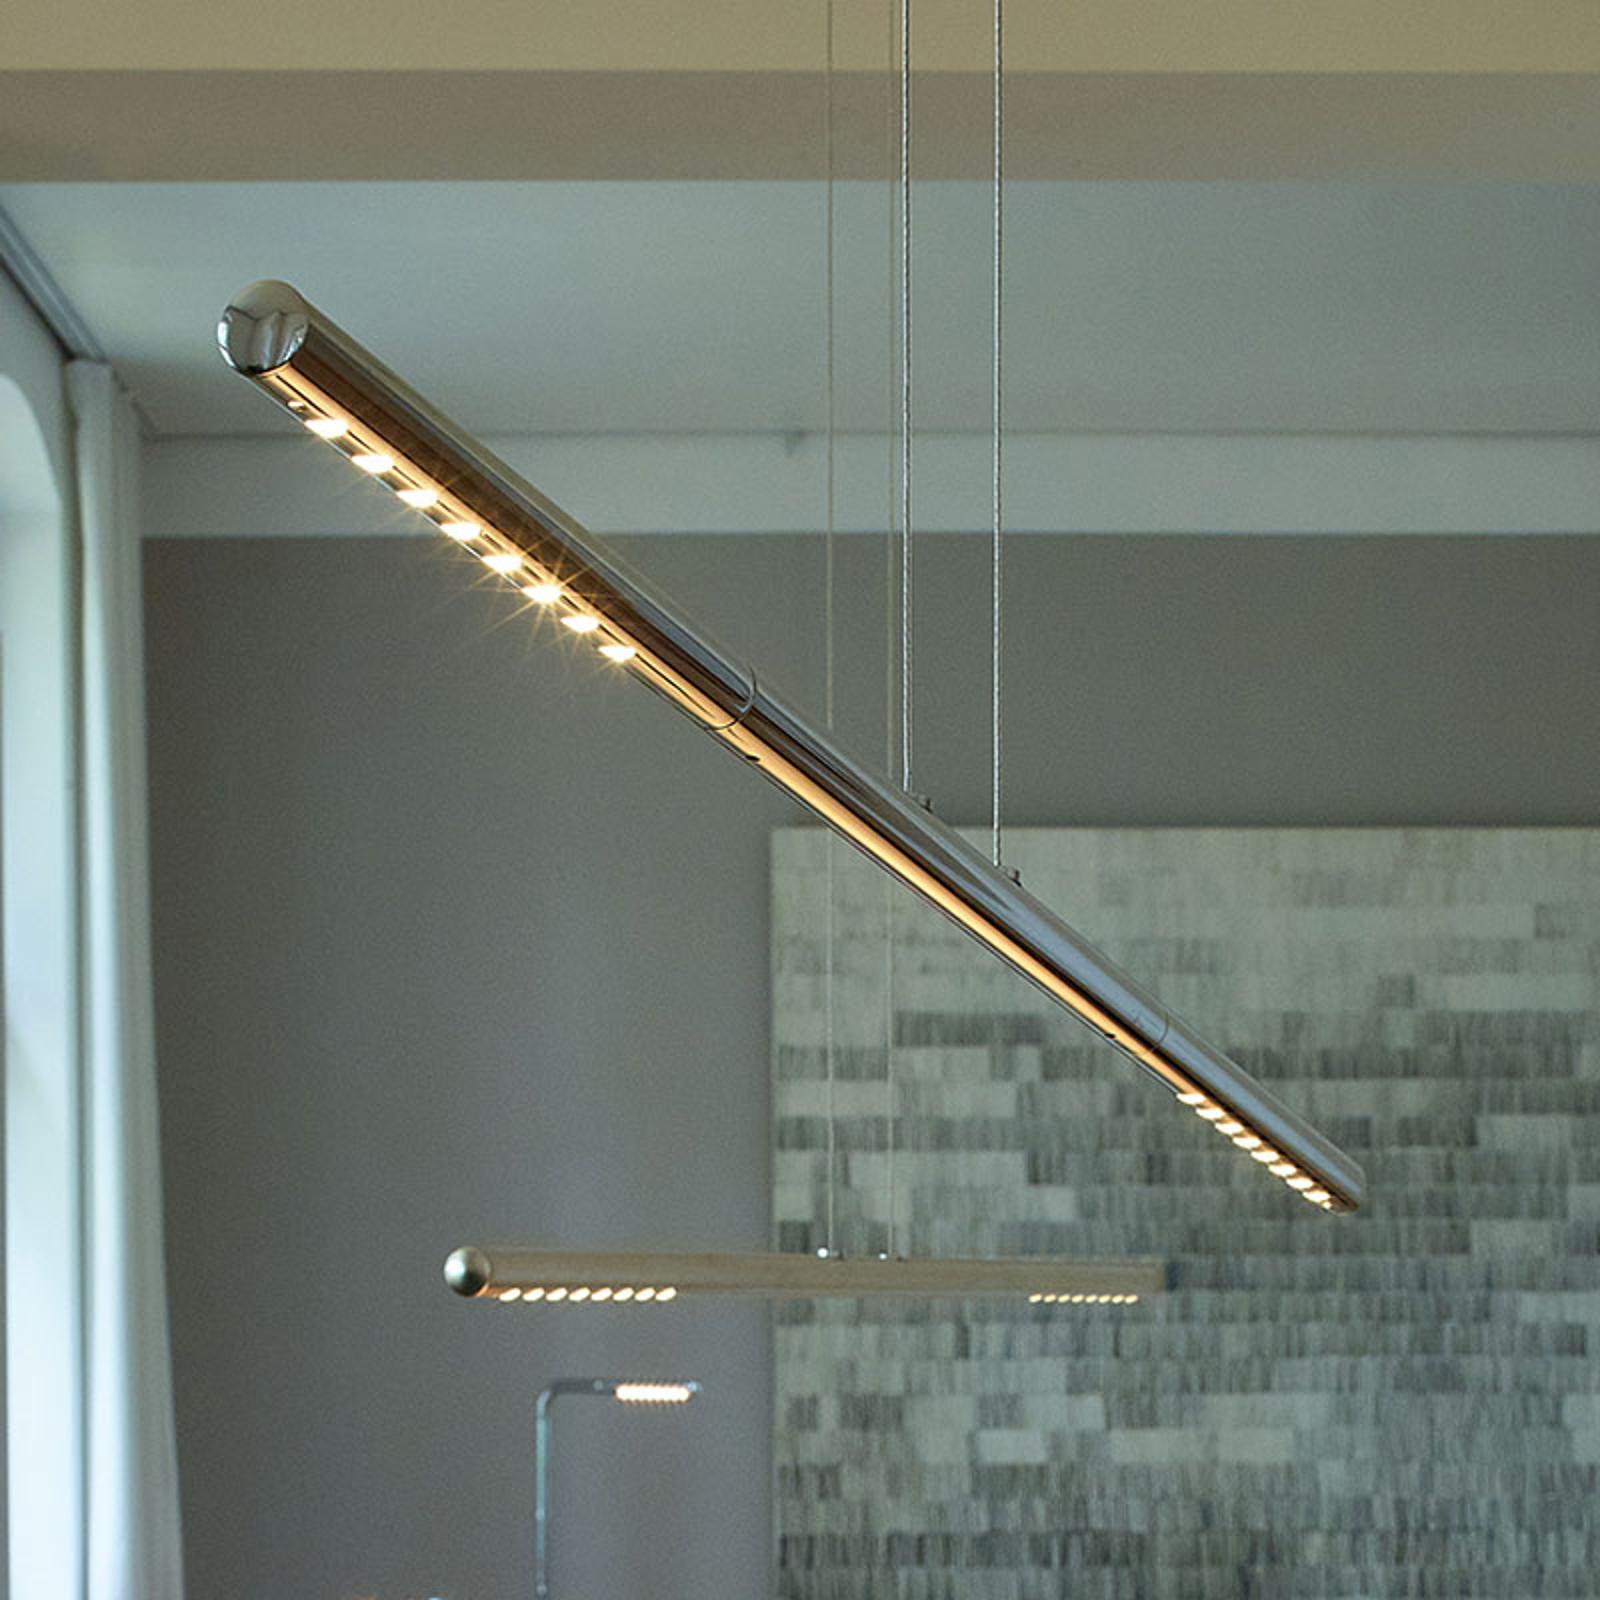 TECNOLUMEN LUM S hængelampe, 85 cm, krom